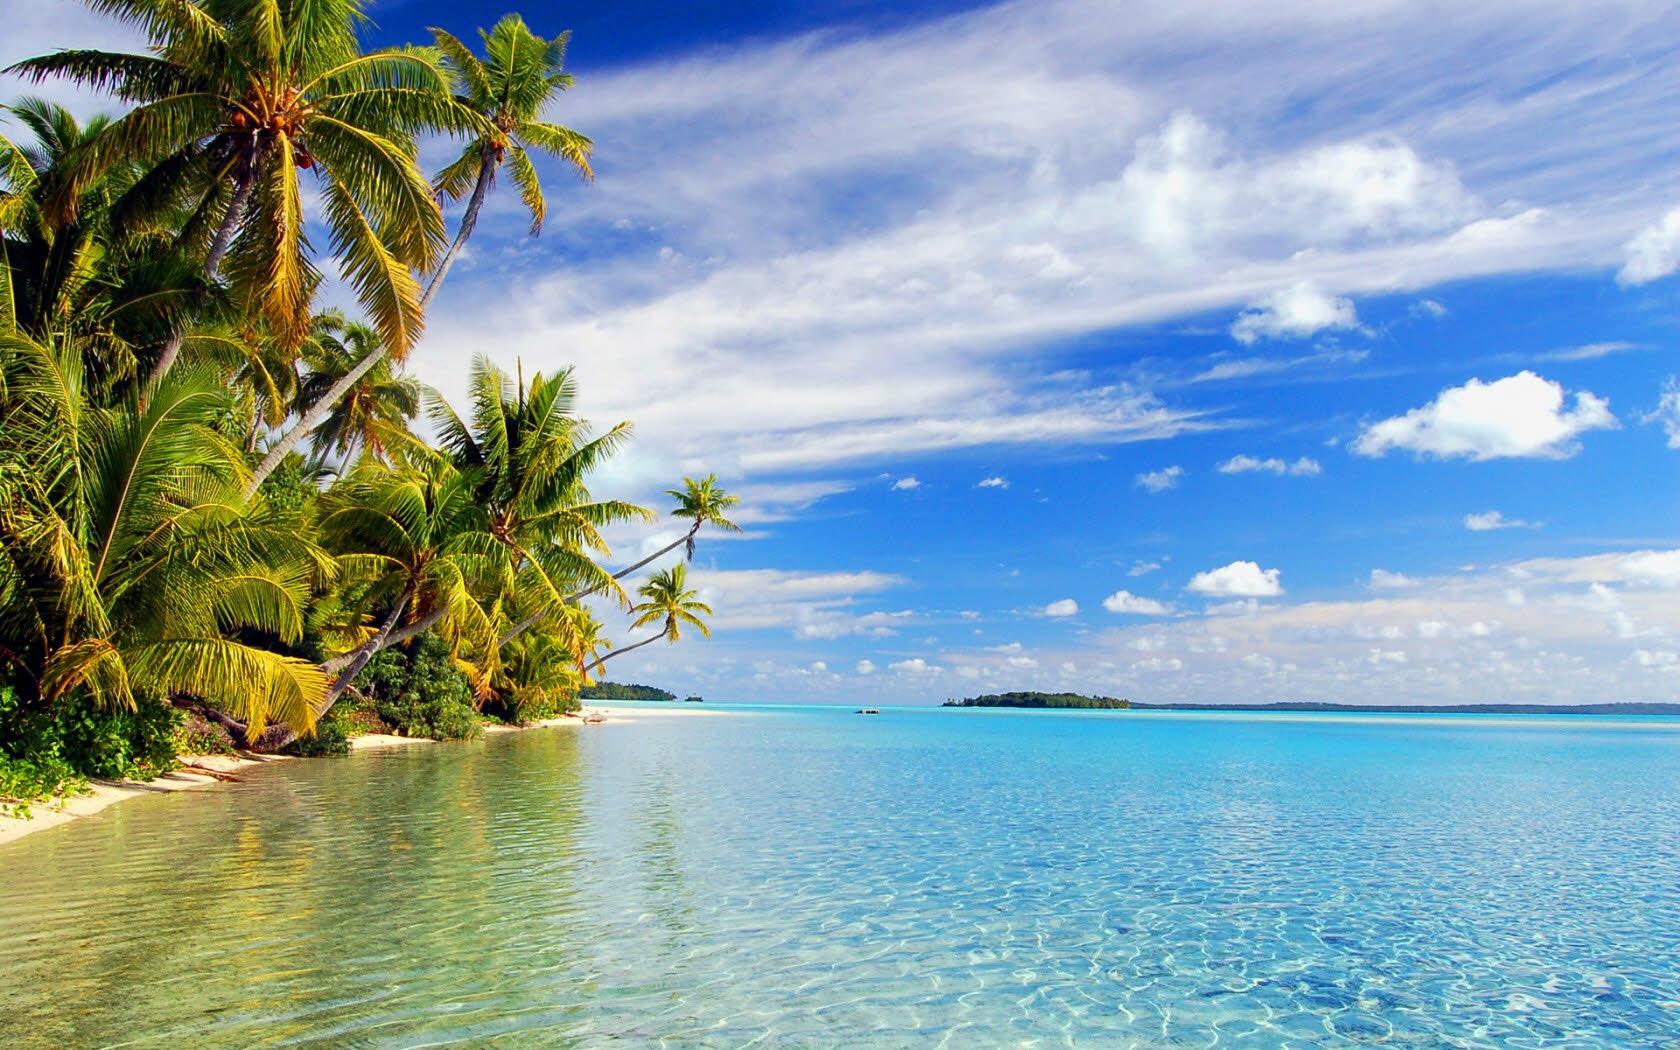 تصاویر زیبای دریا و ساحل